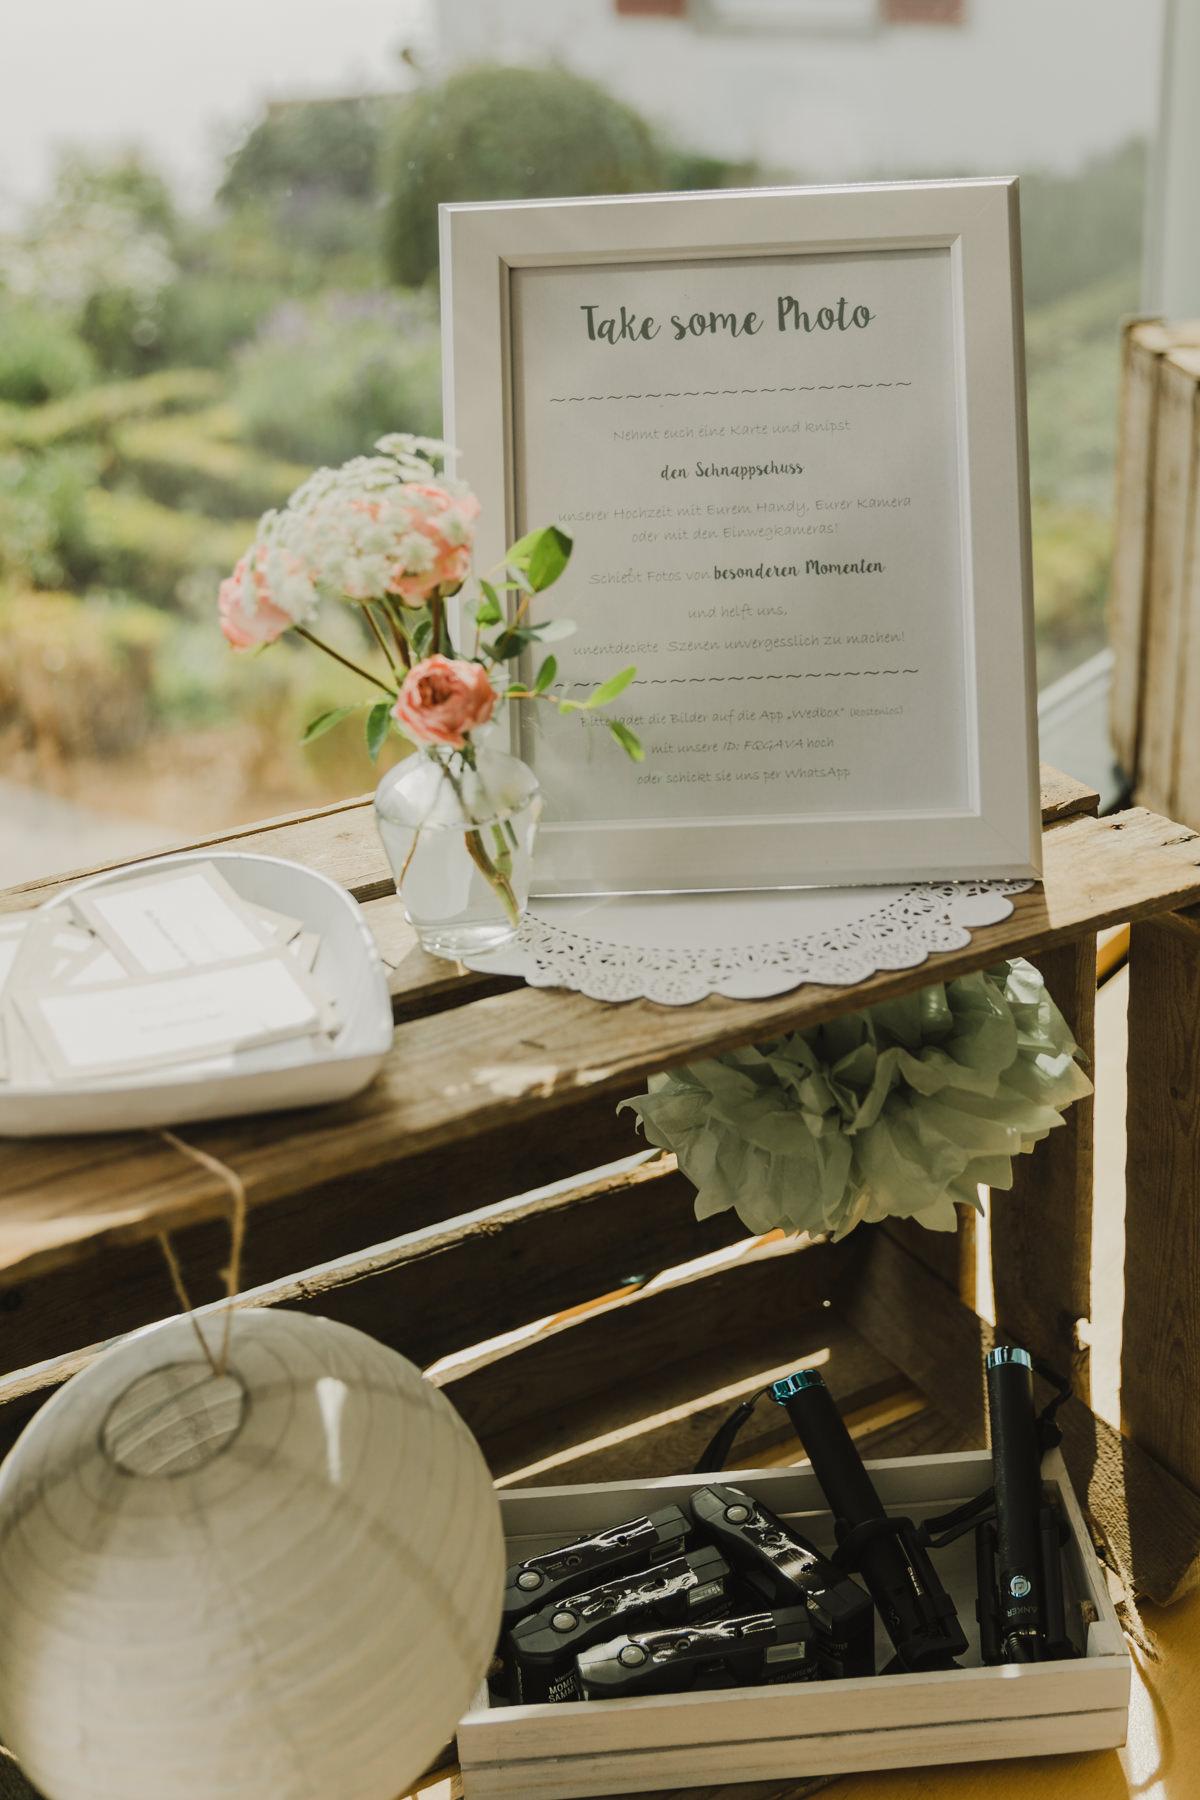 Fotospiel Hochzeit, Fotobooth Hochzeit DIY, Fotobooth Hochzeit selber machen